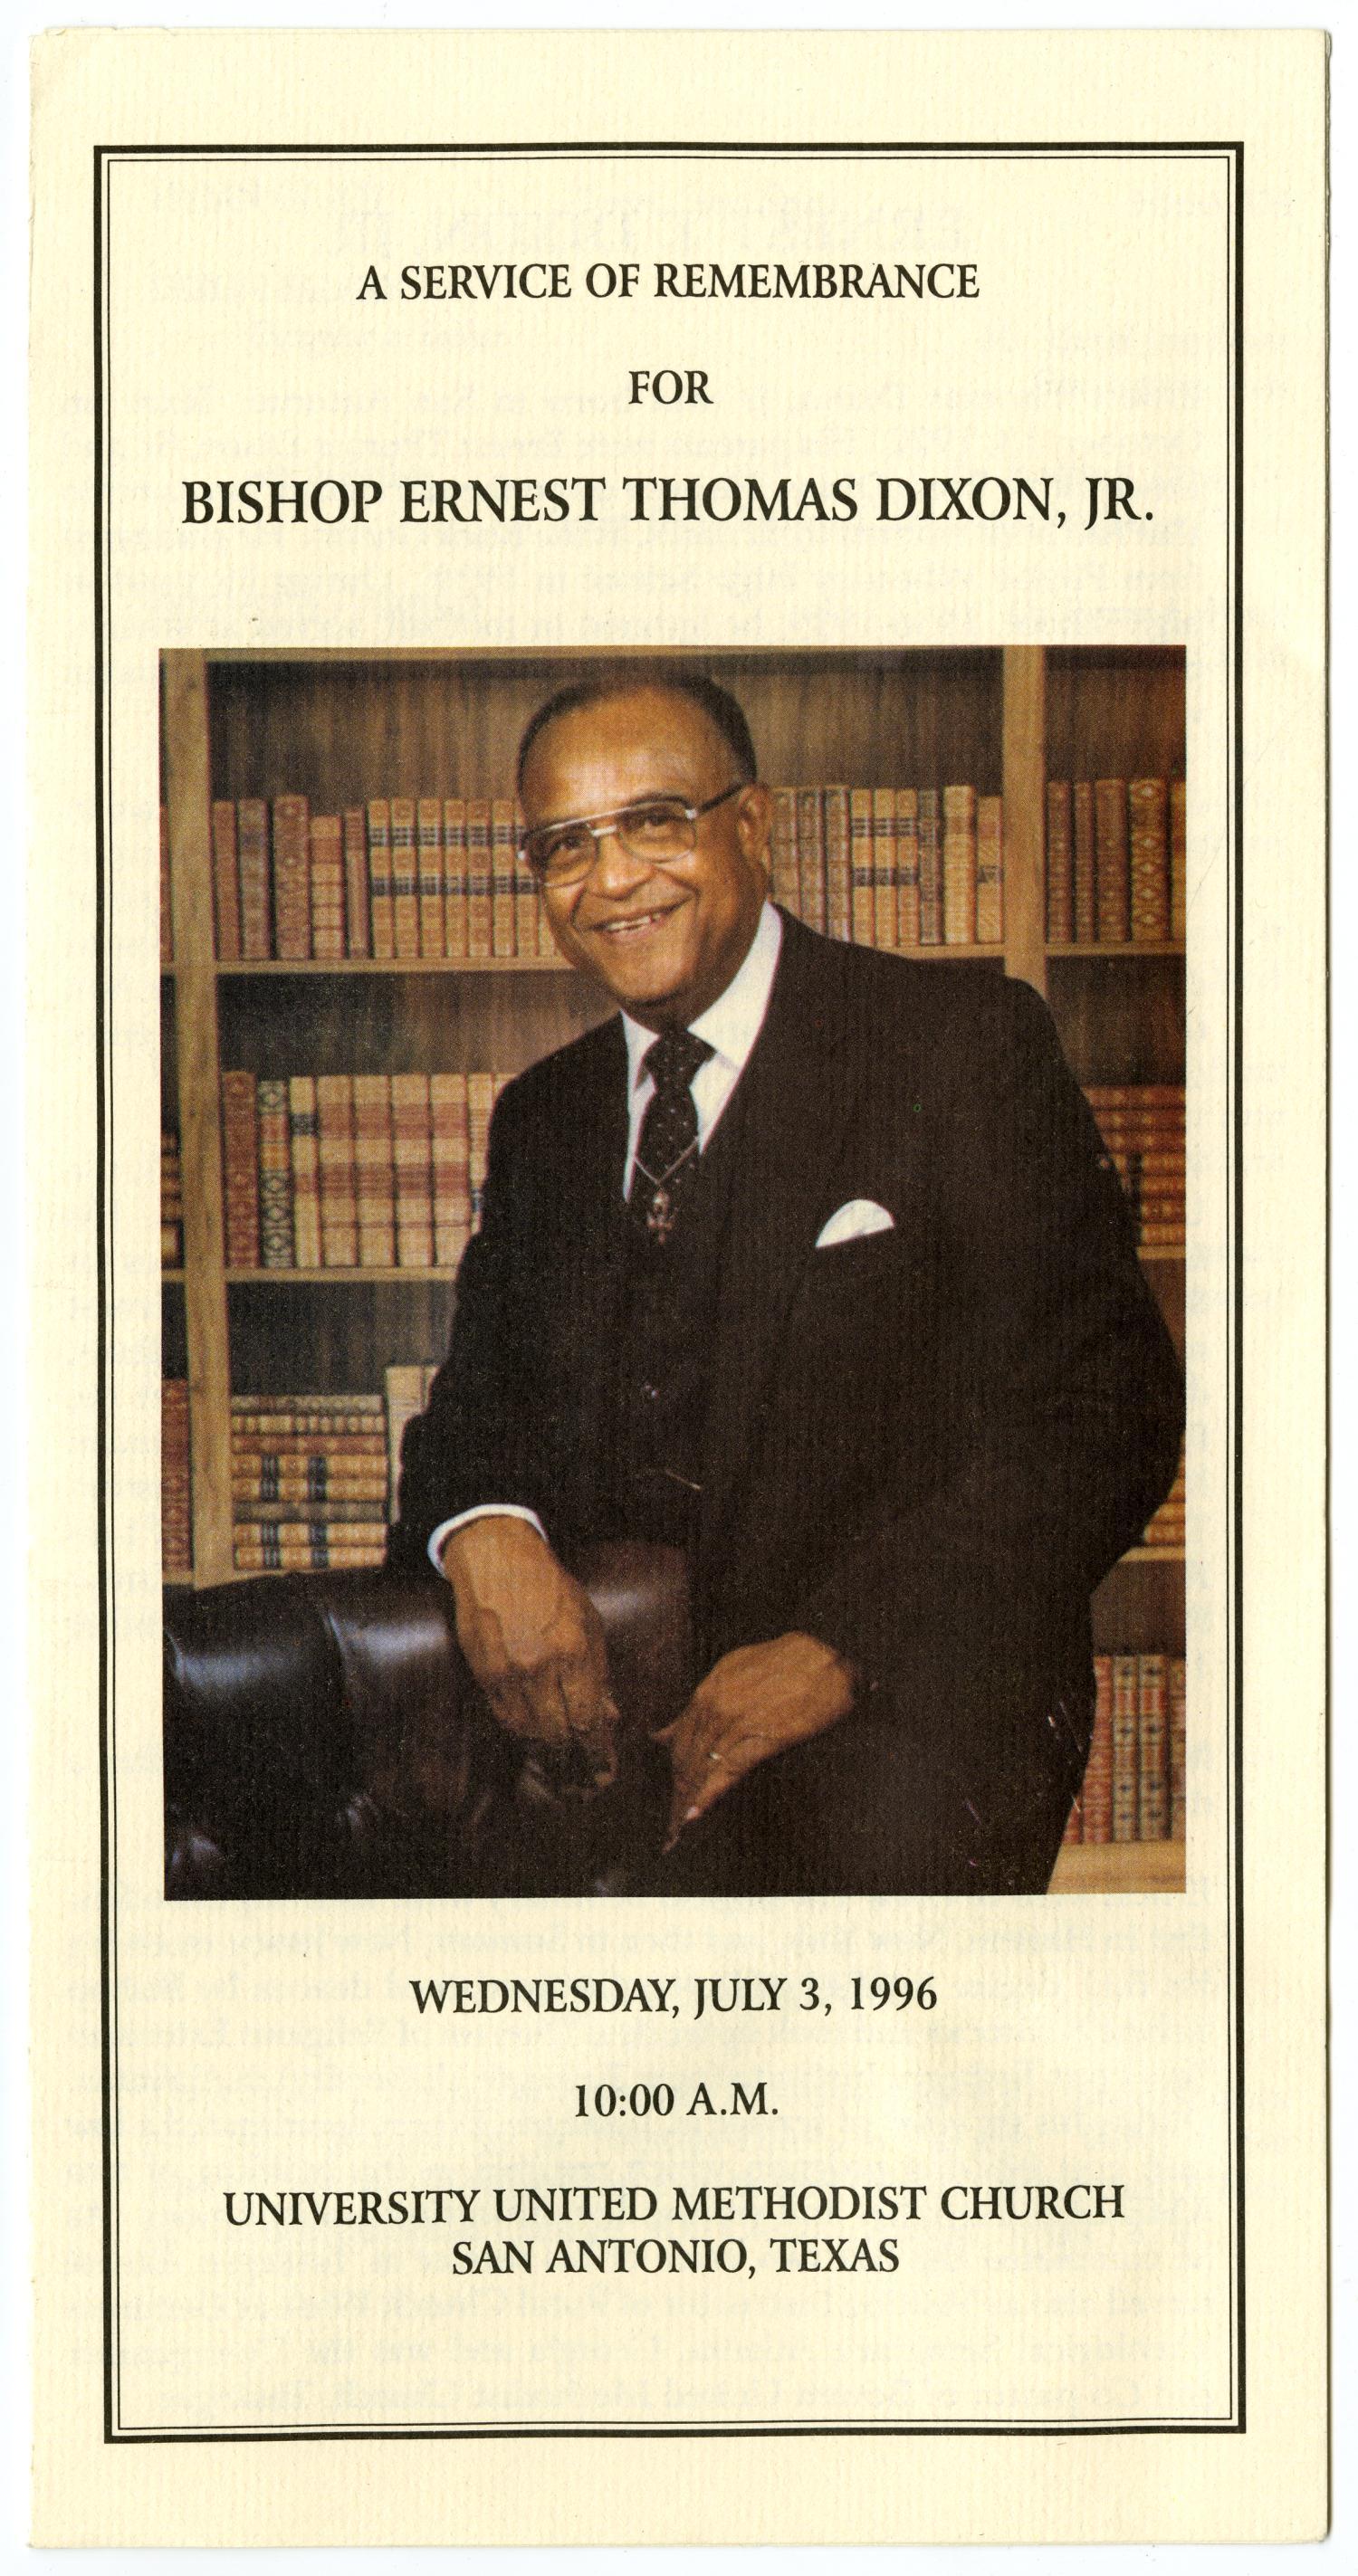 Funeral Program For Bishop Ernest Thomas Dixon Jr July